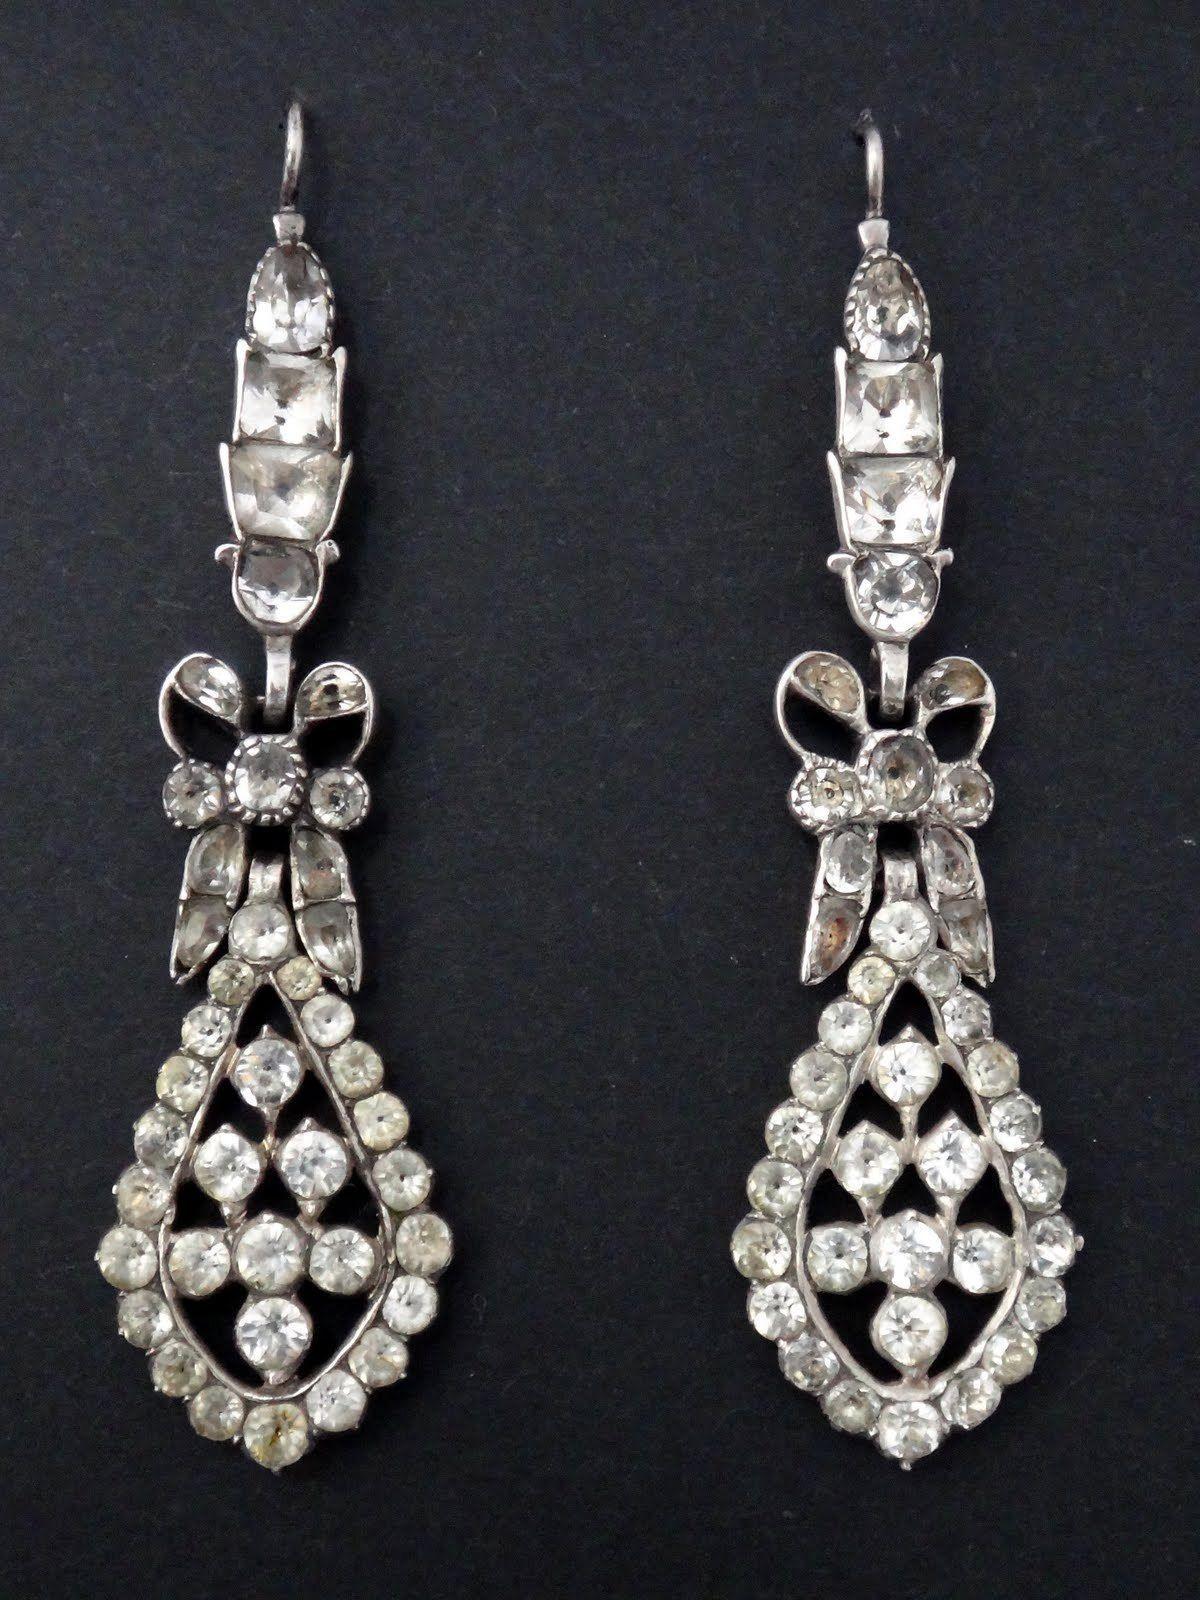 Argent Diamants Superbe D'oreilles Boucles Anciennes D Pendants rdxBeoC